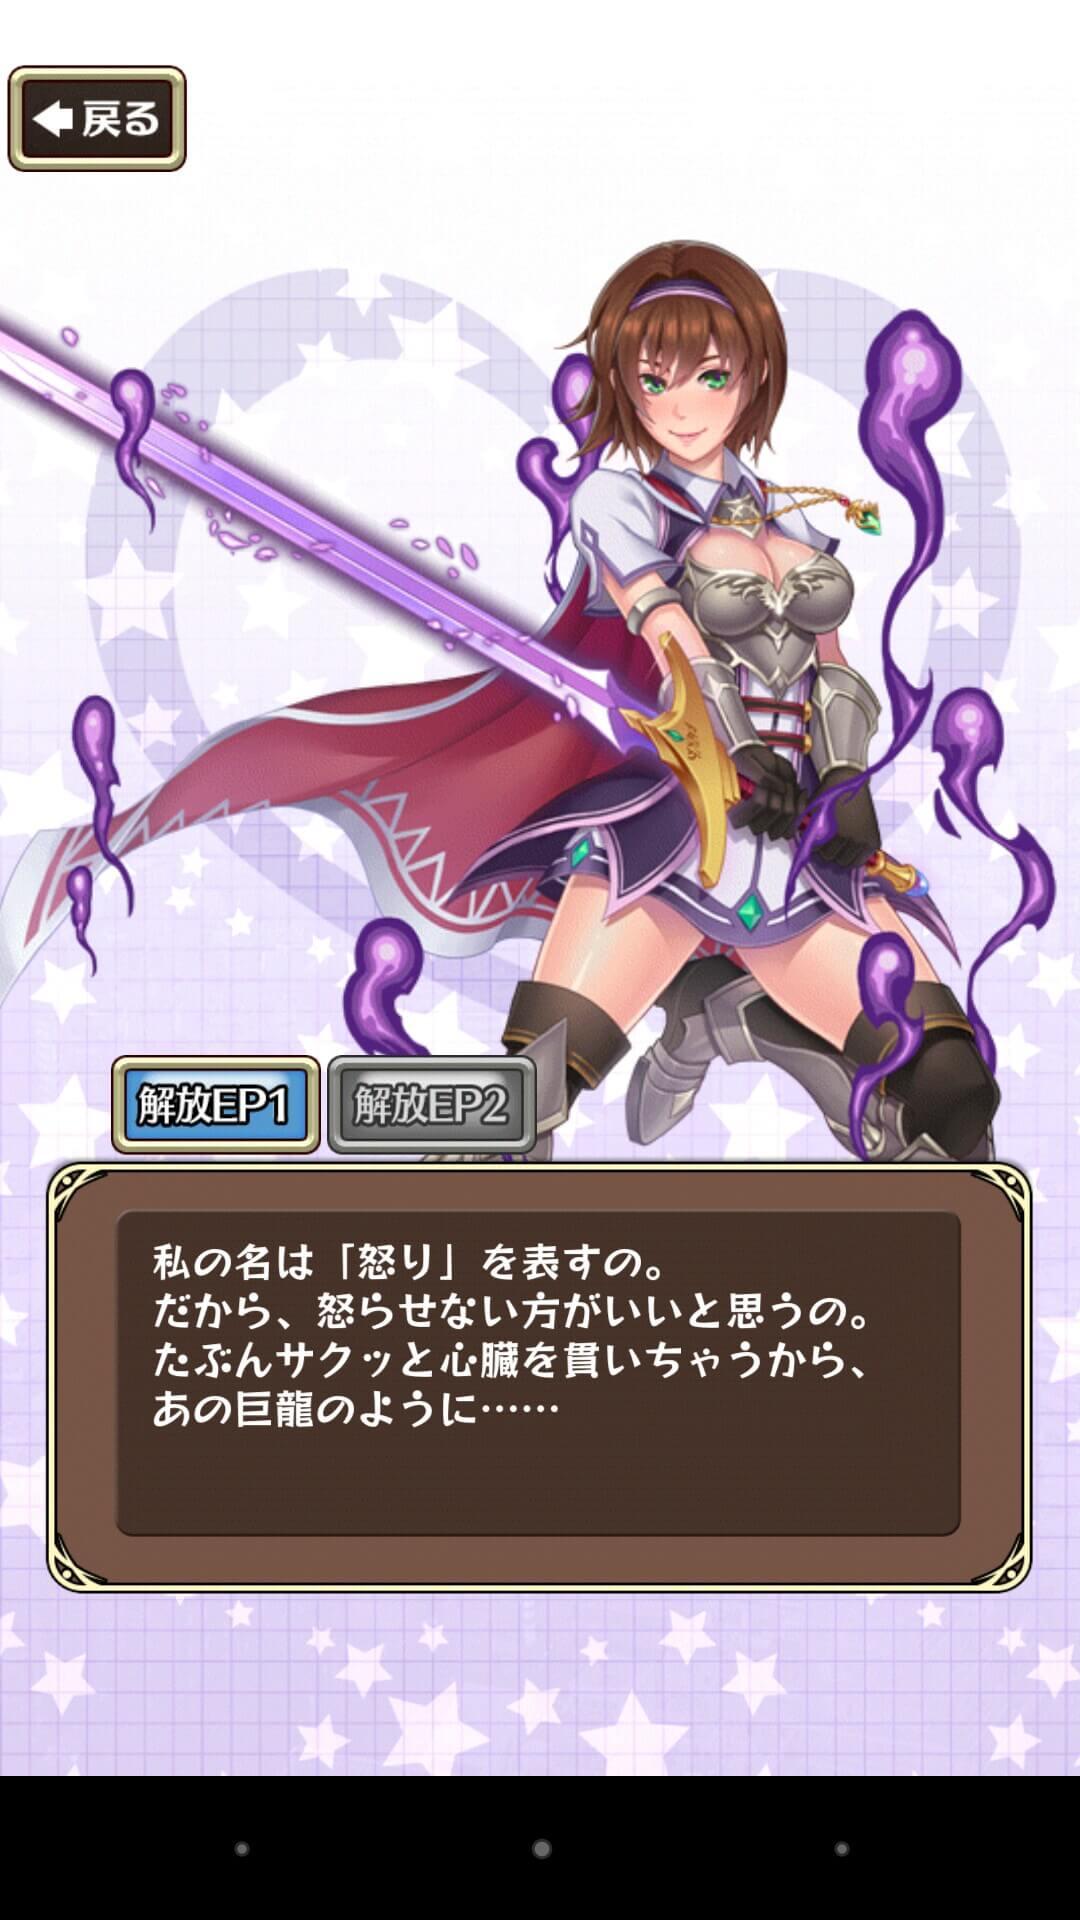 ひめローグっ!23 武姫のプロフィール2